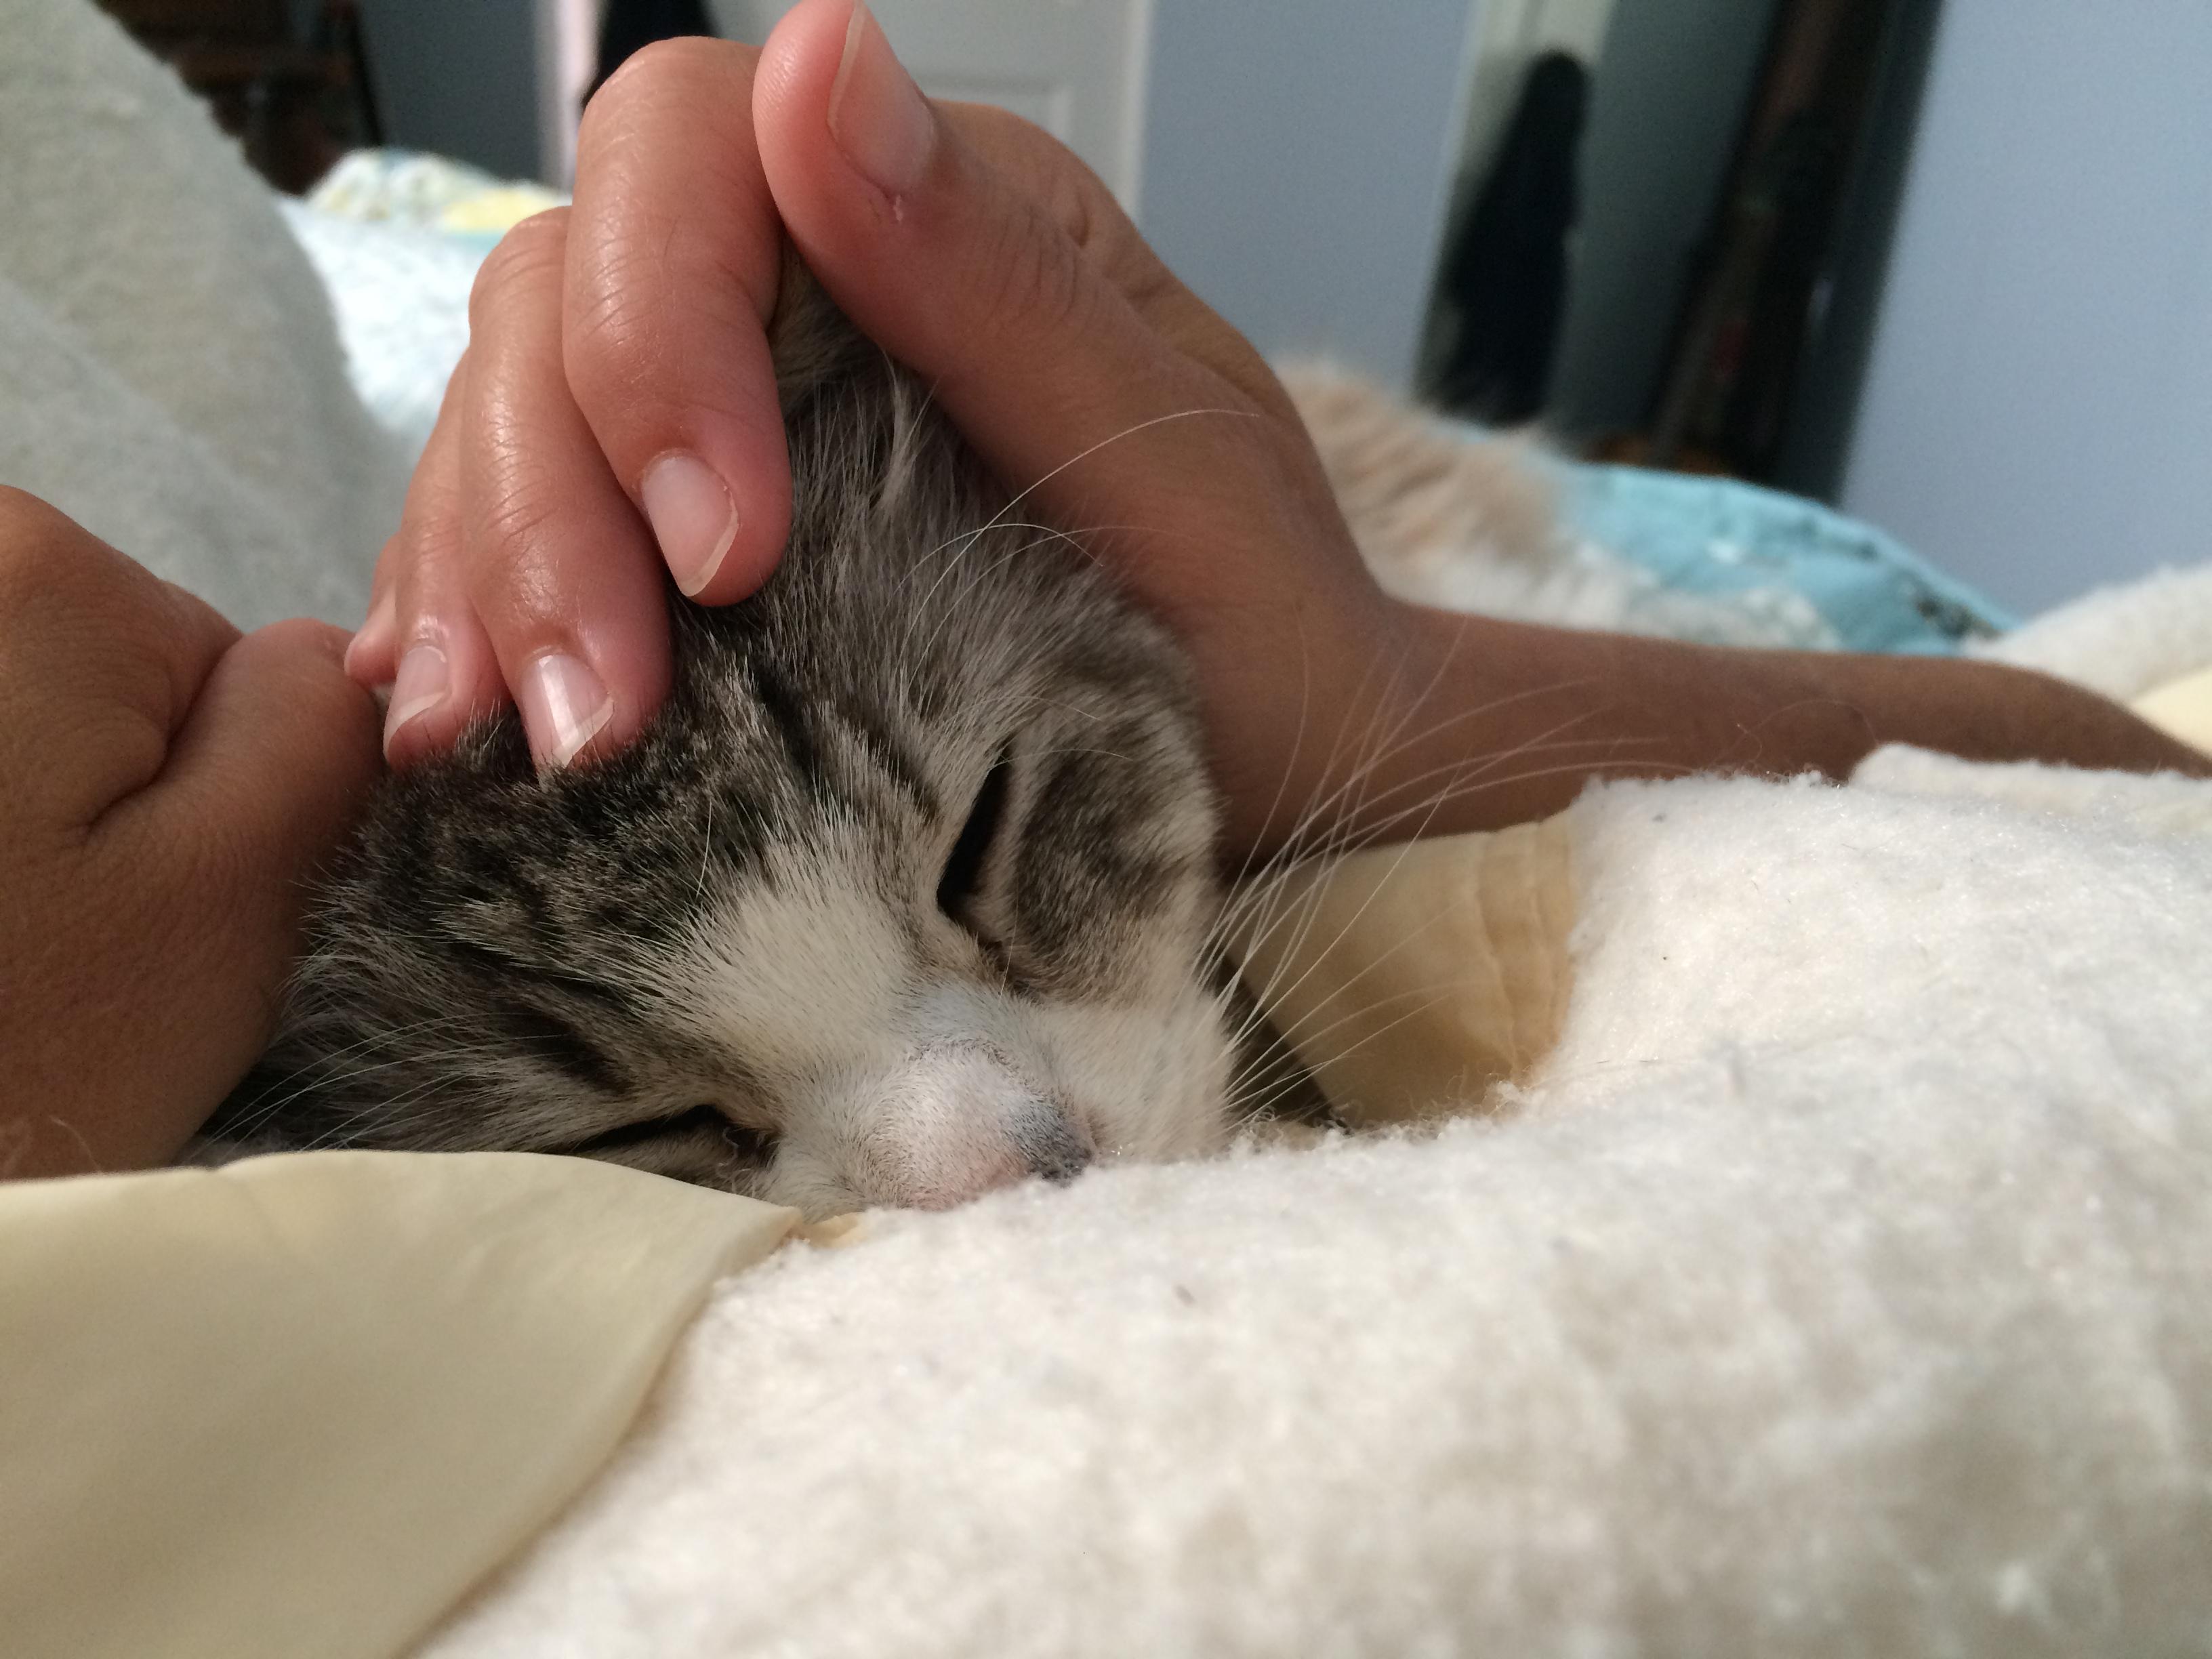 Leroo snuggling